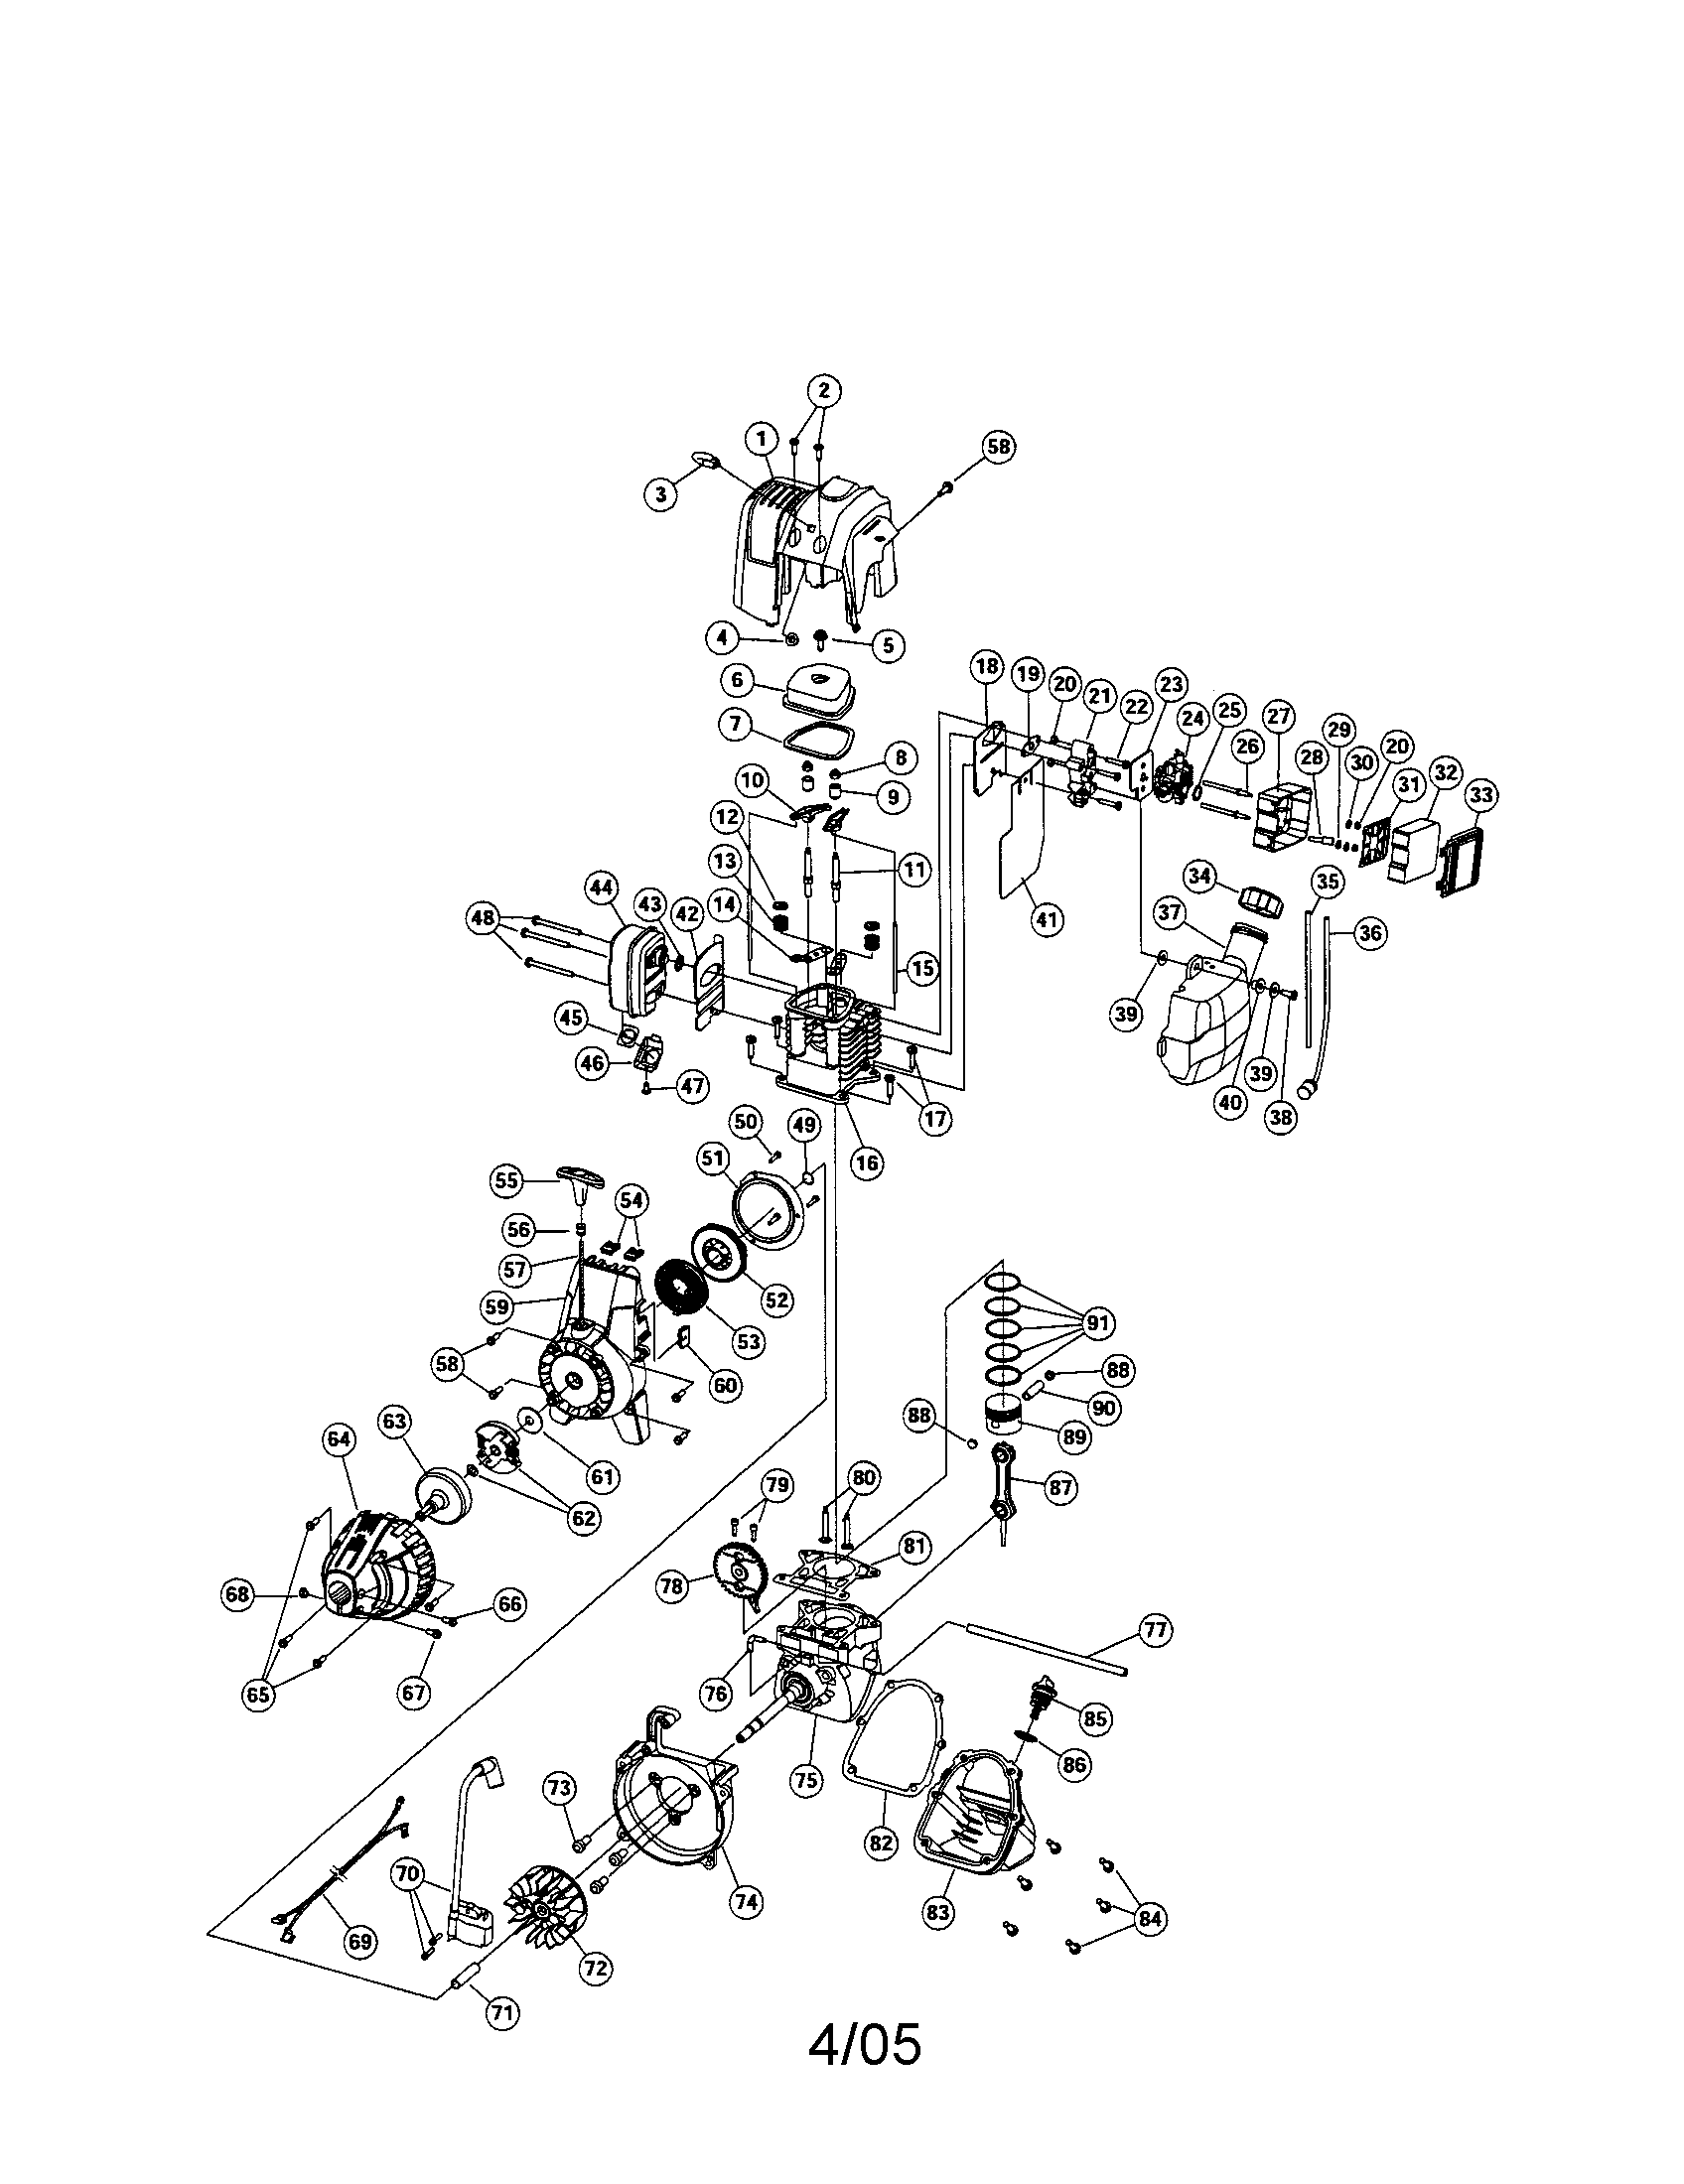 Craftsman incredi pull 4 cycle Mini tiller Manual